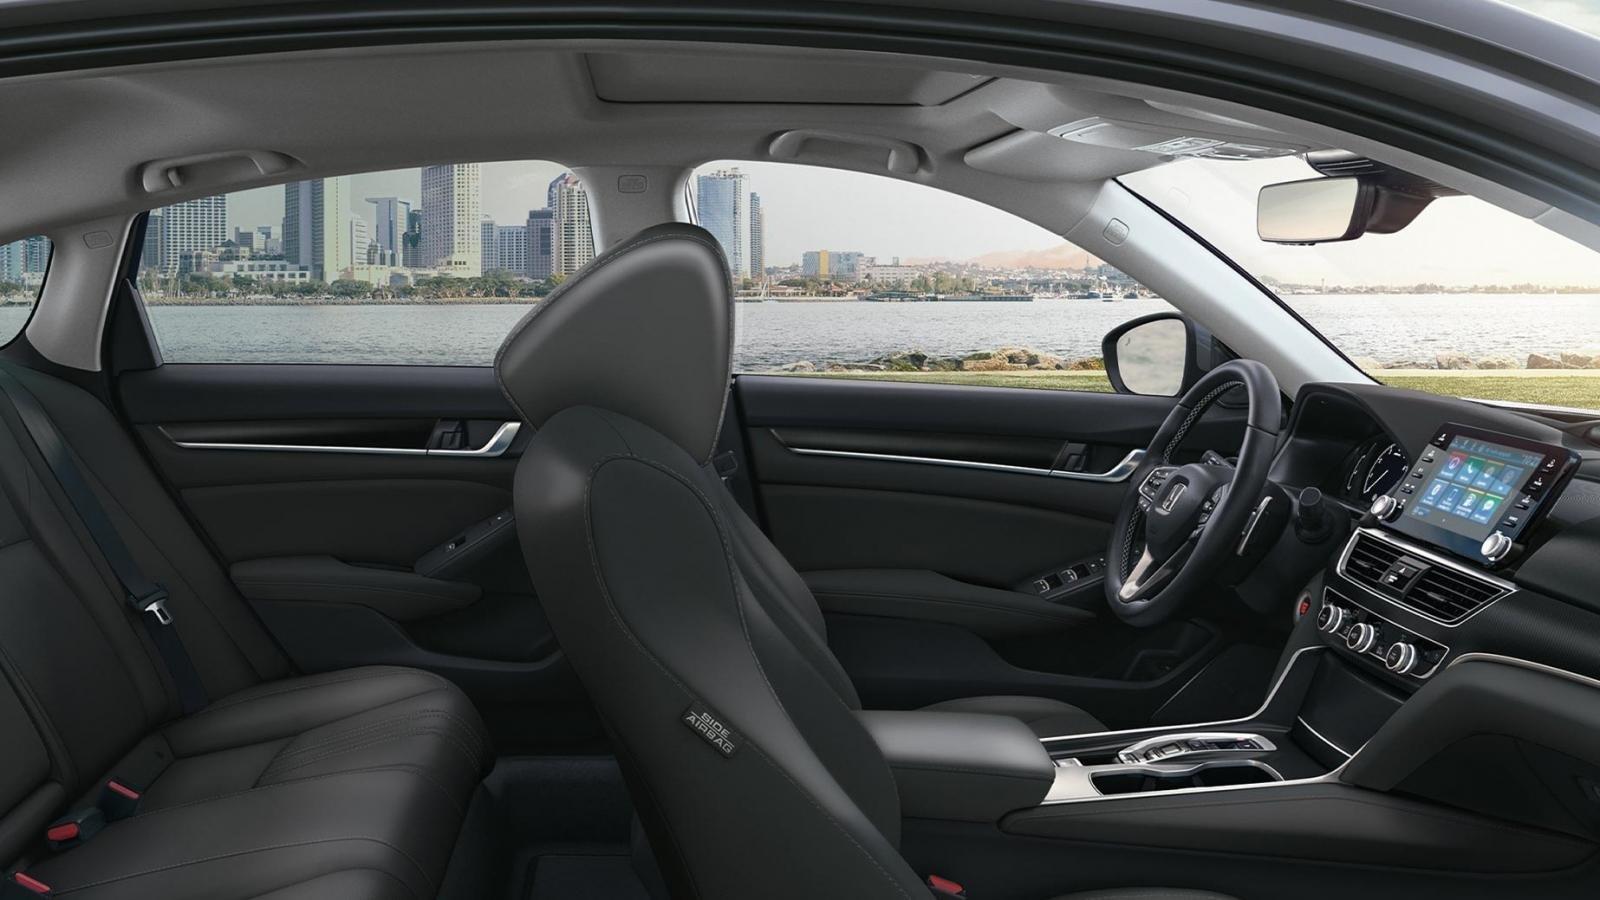 El Honda Accord tiene un interior cómodo